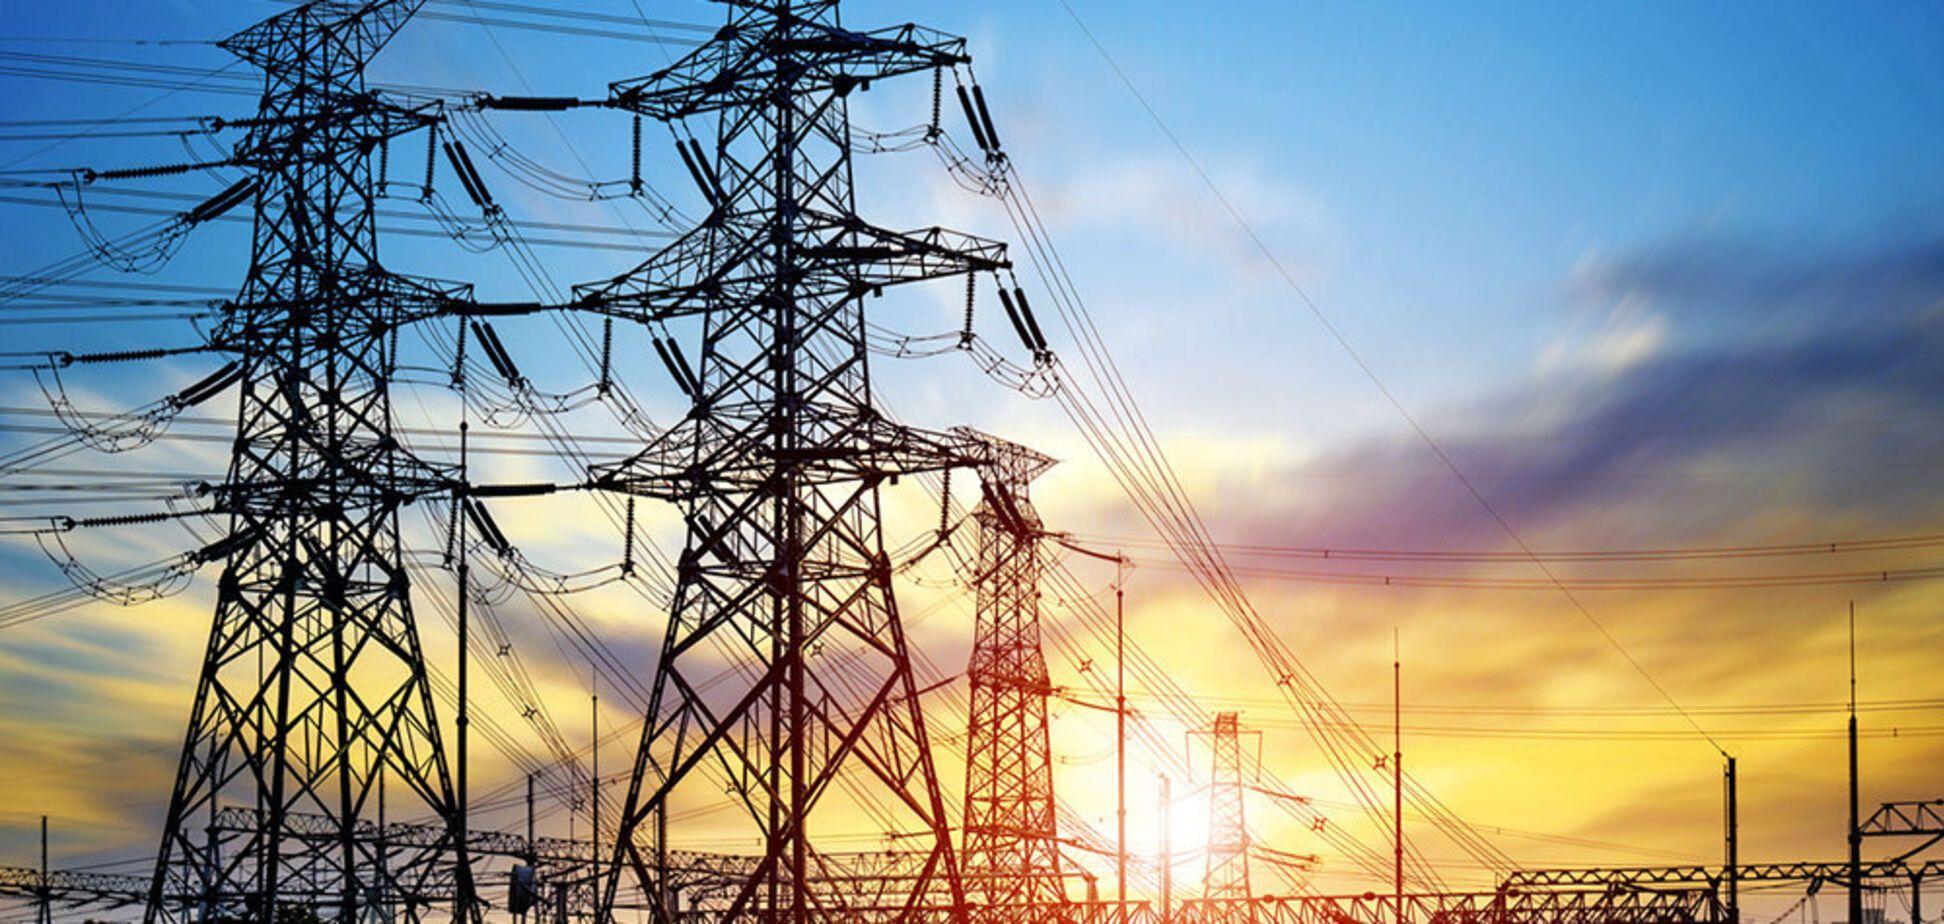 Председатель НКРЭКУ не будет в очередной раз повышать тариф на электроэнергию для промышленности